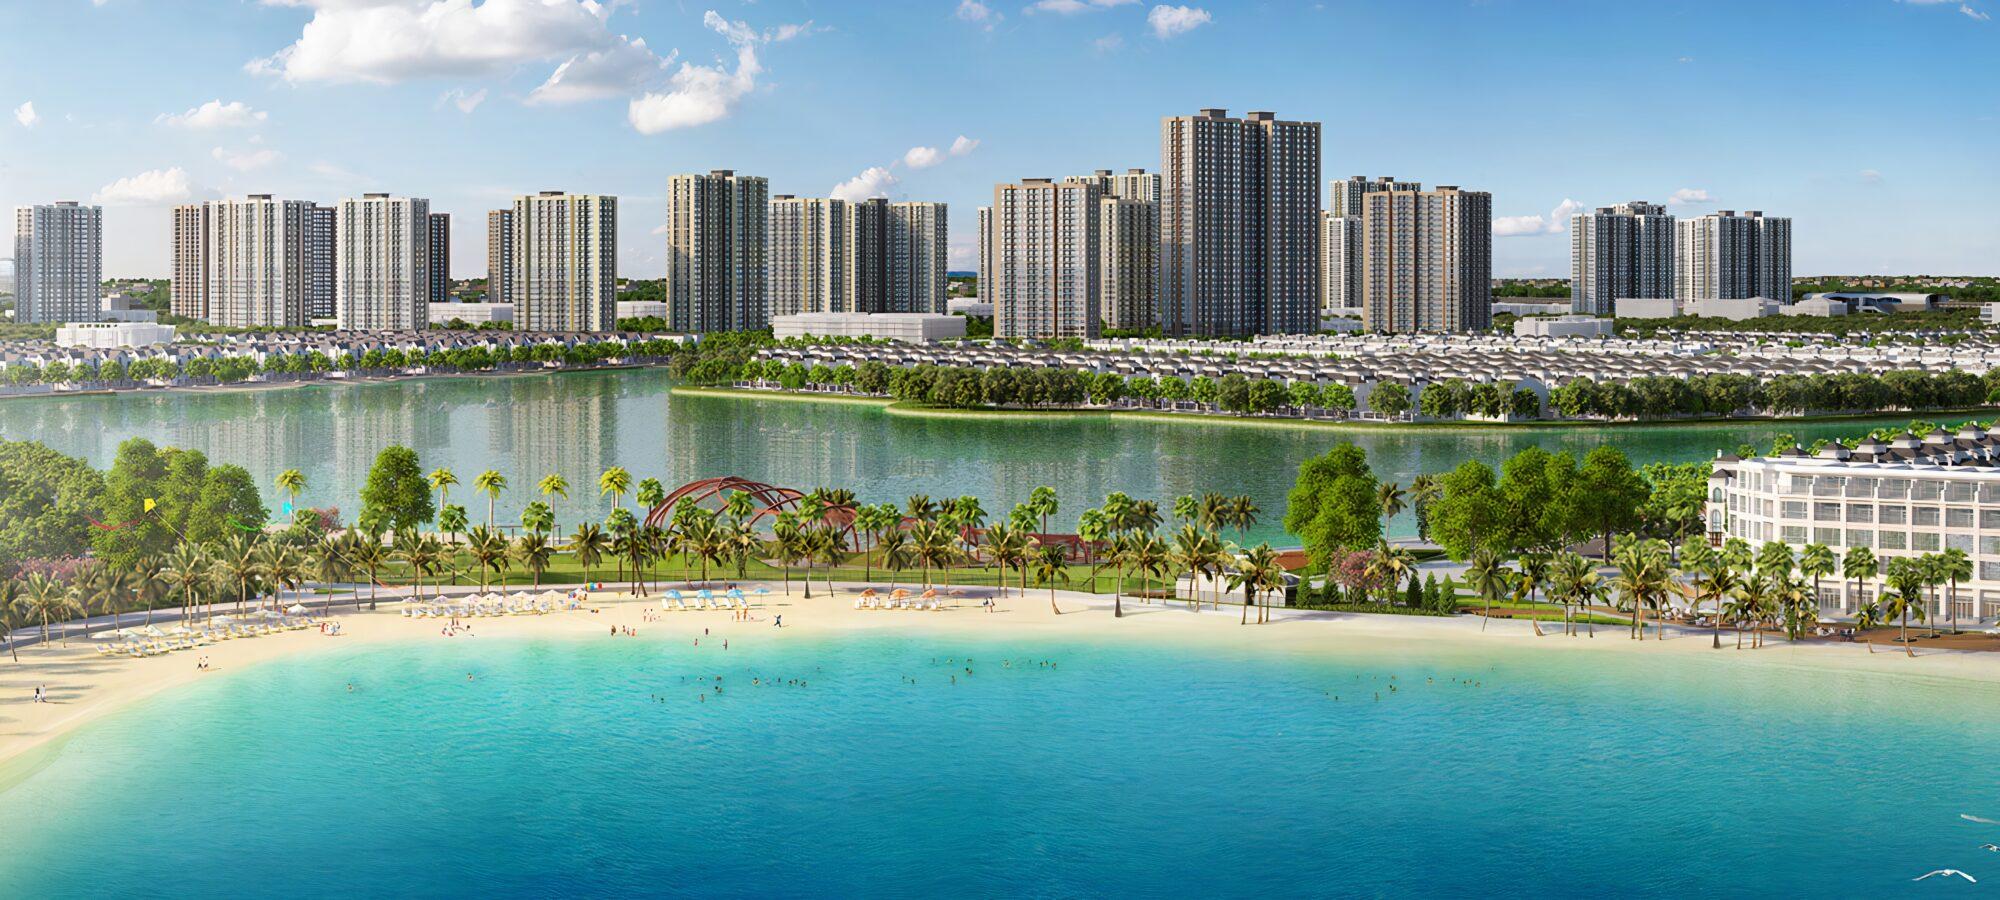 chung cư masteri ocean park